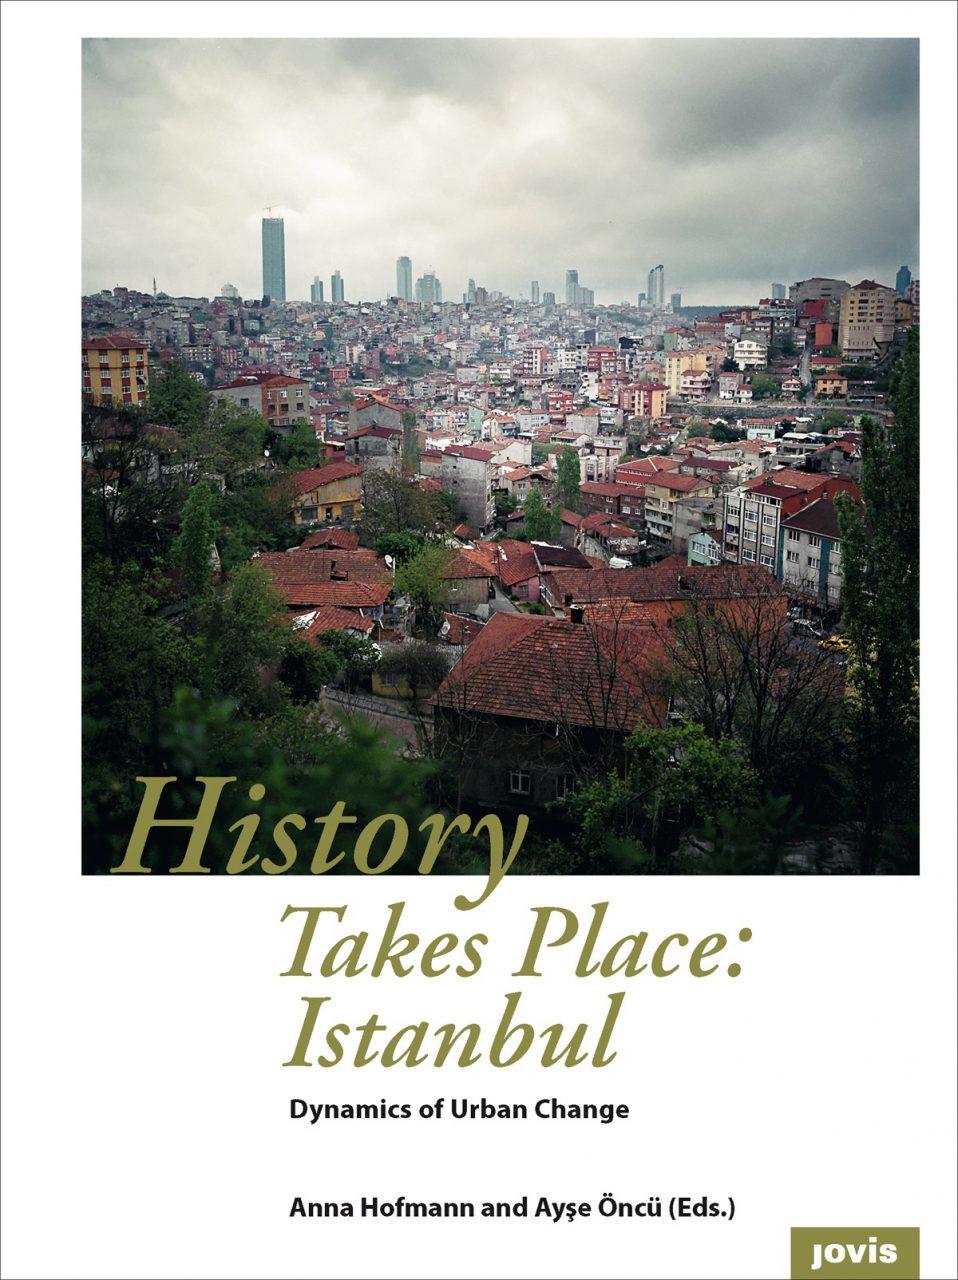 History Takes Place: Istanbul. Das Sachbuch ist bei Jovis erschienen